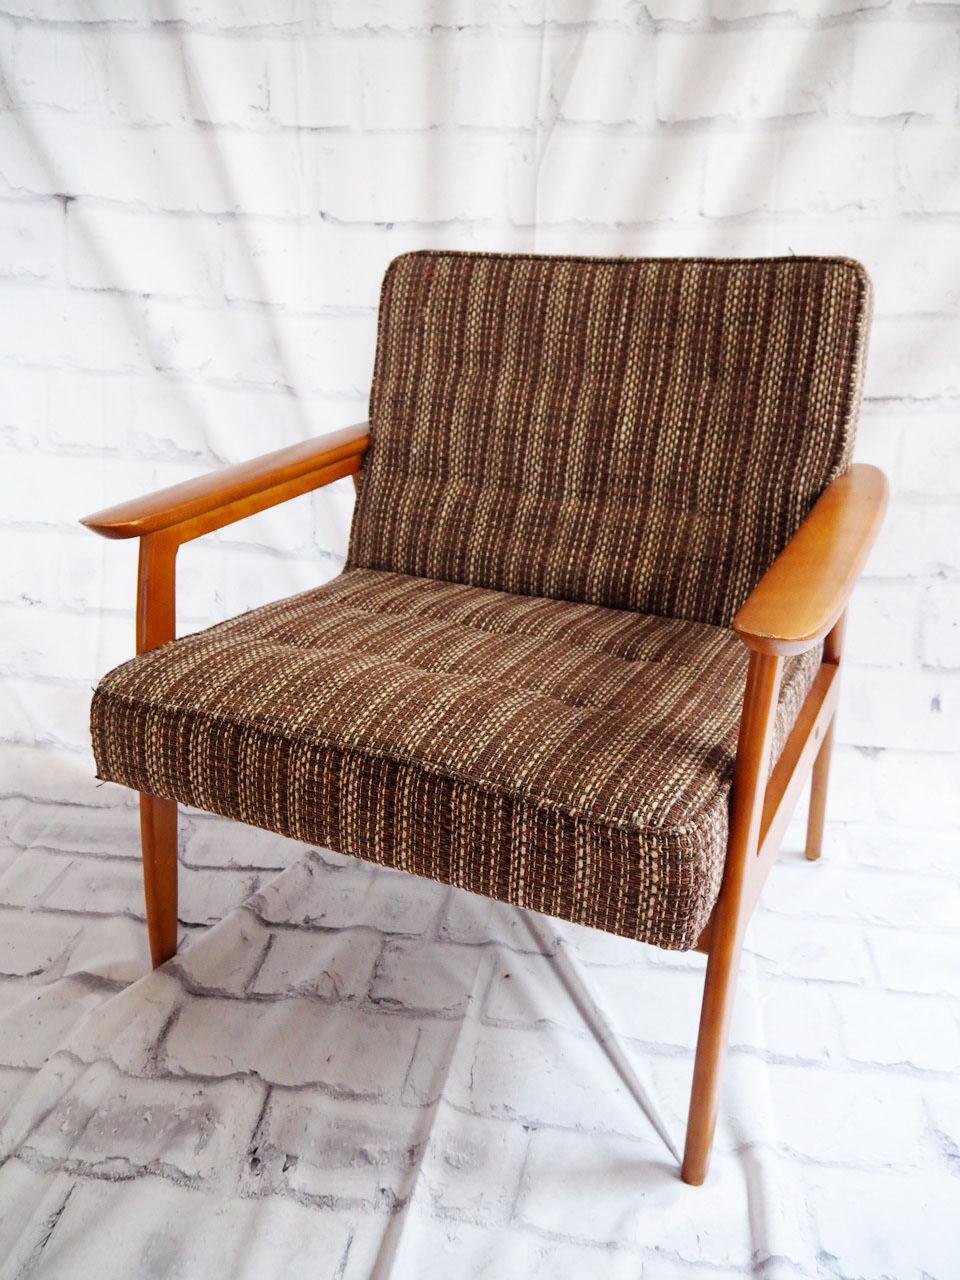 品番3098 一人掛け チェアー シングルソファー 椅子 ヴィンテージ